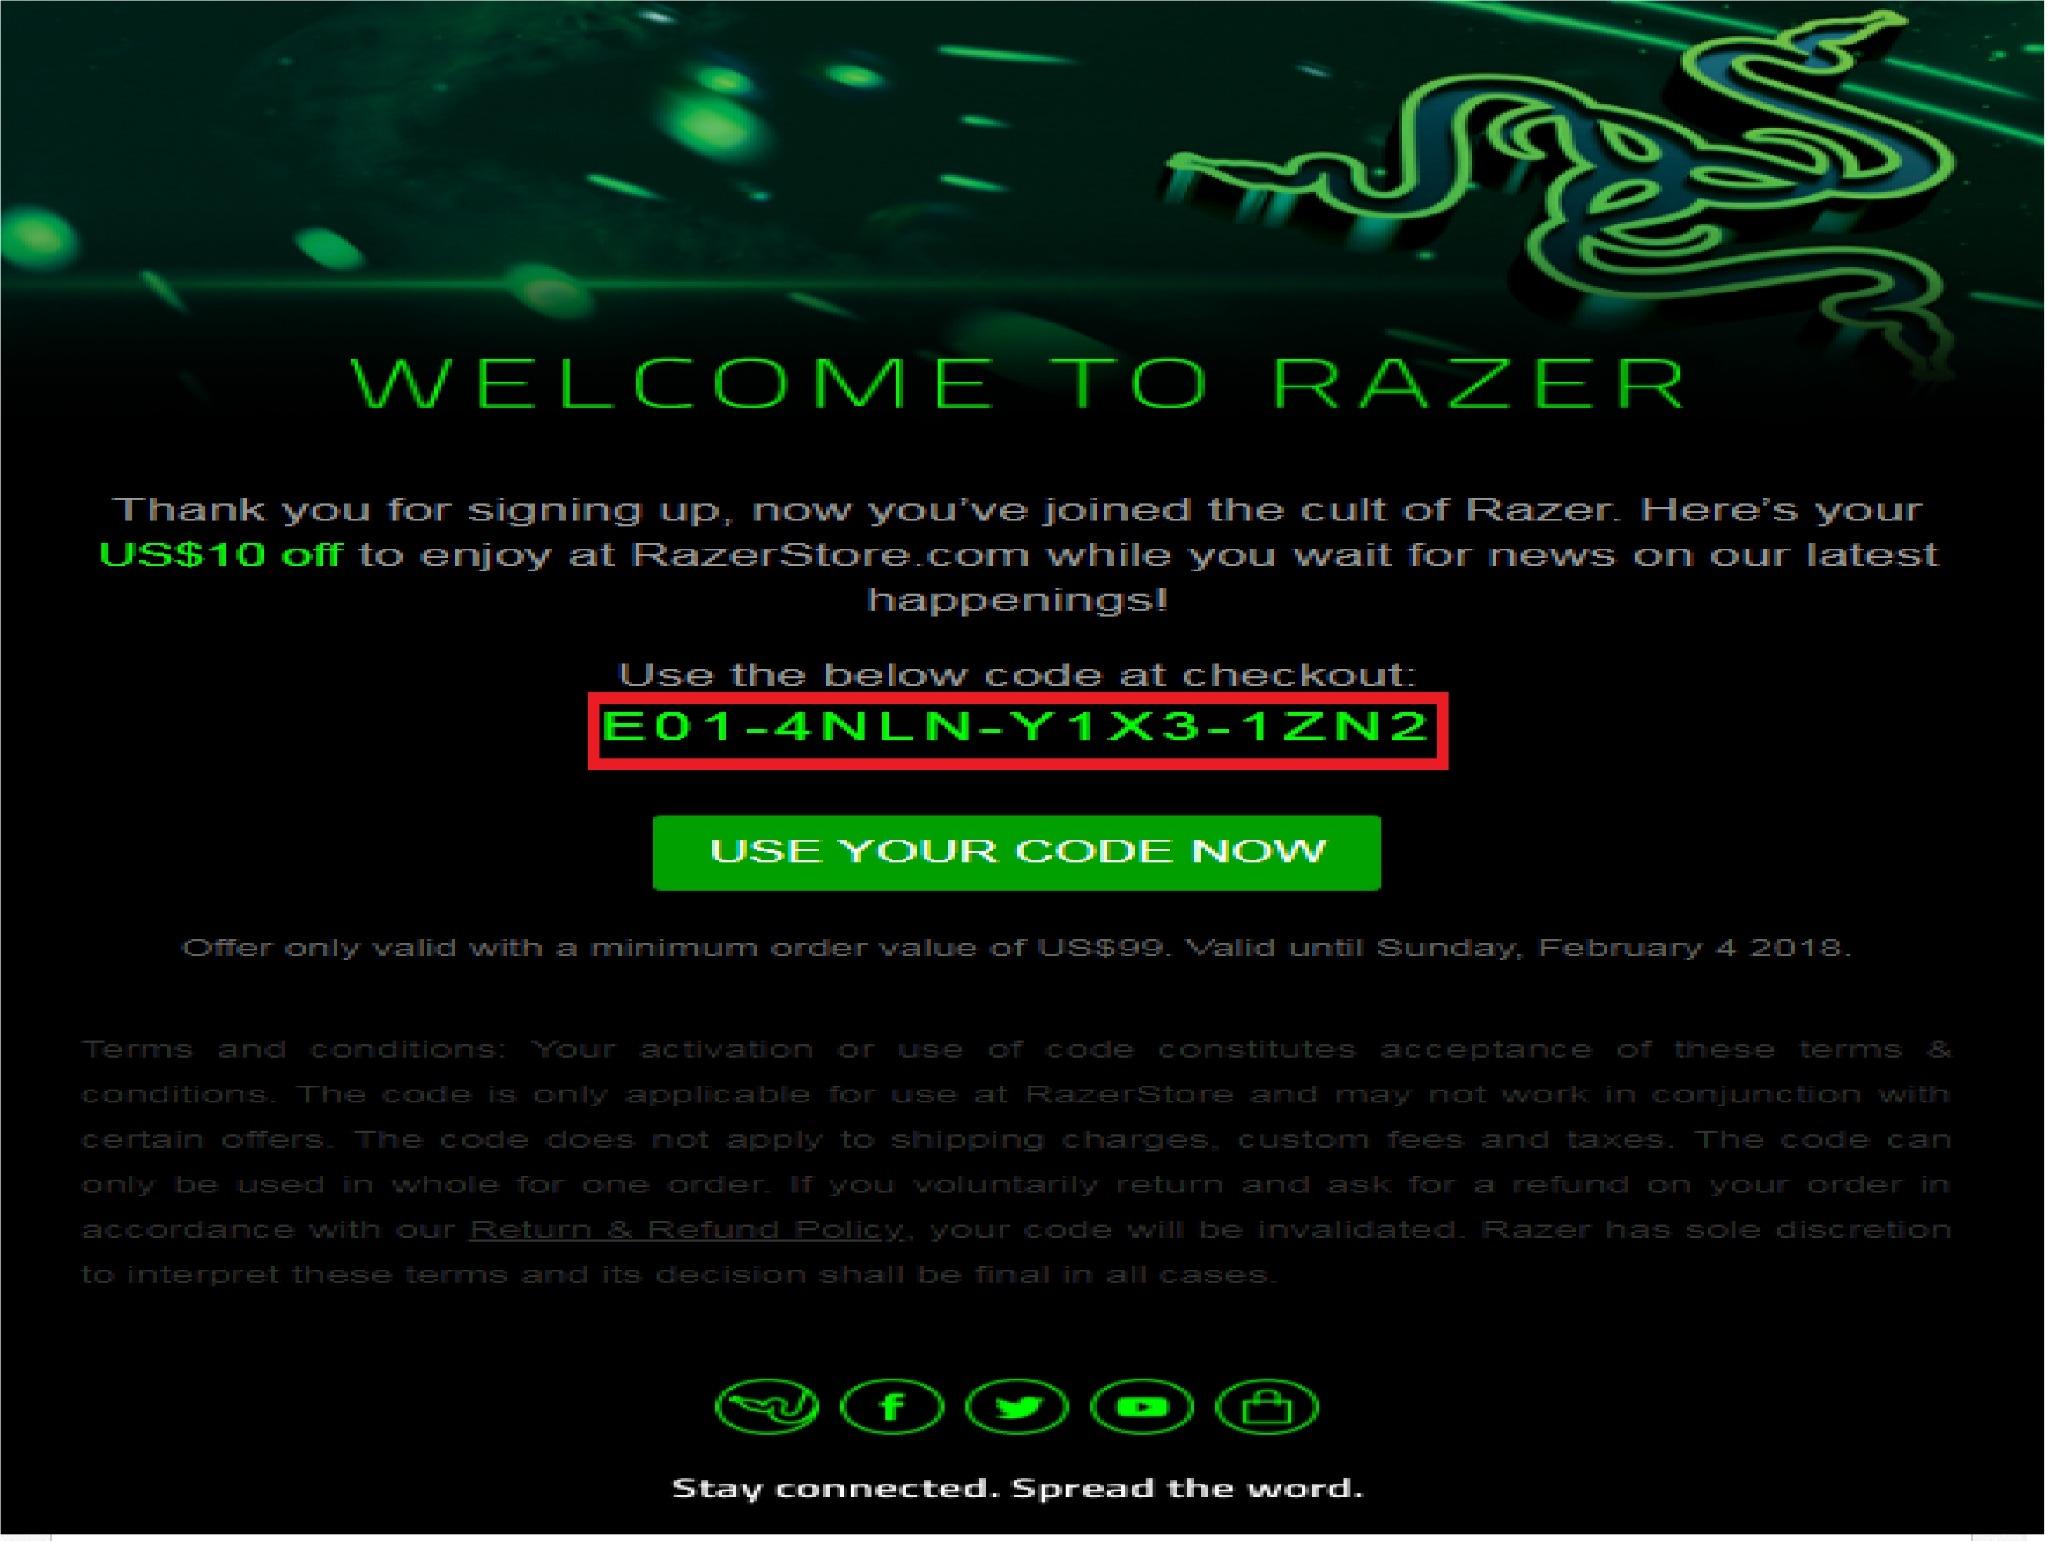 Razer coupons